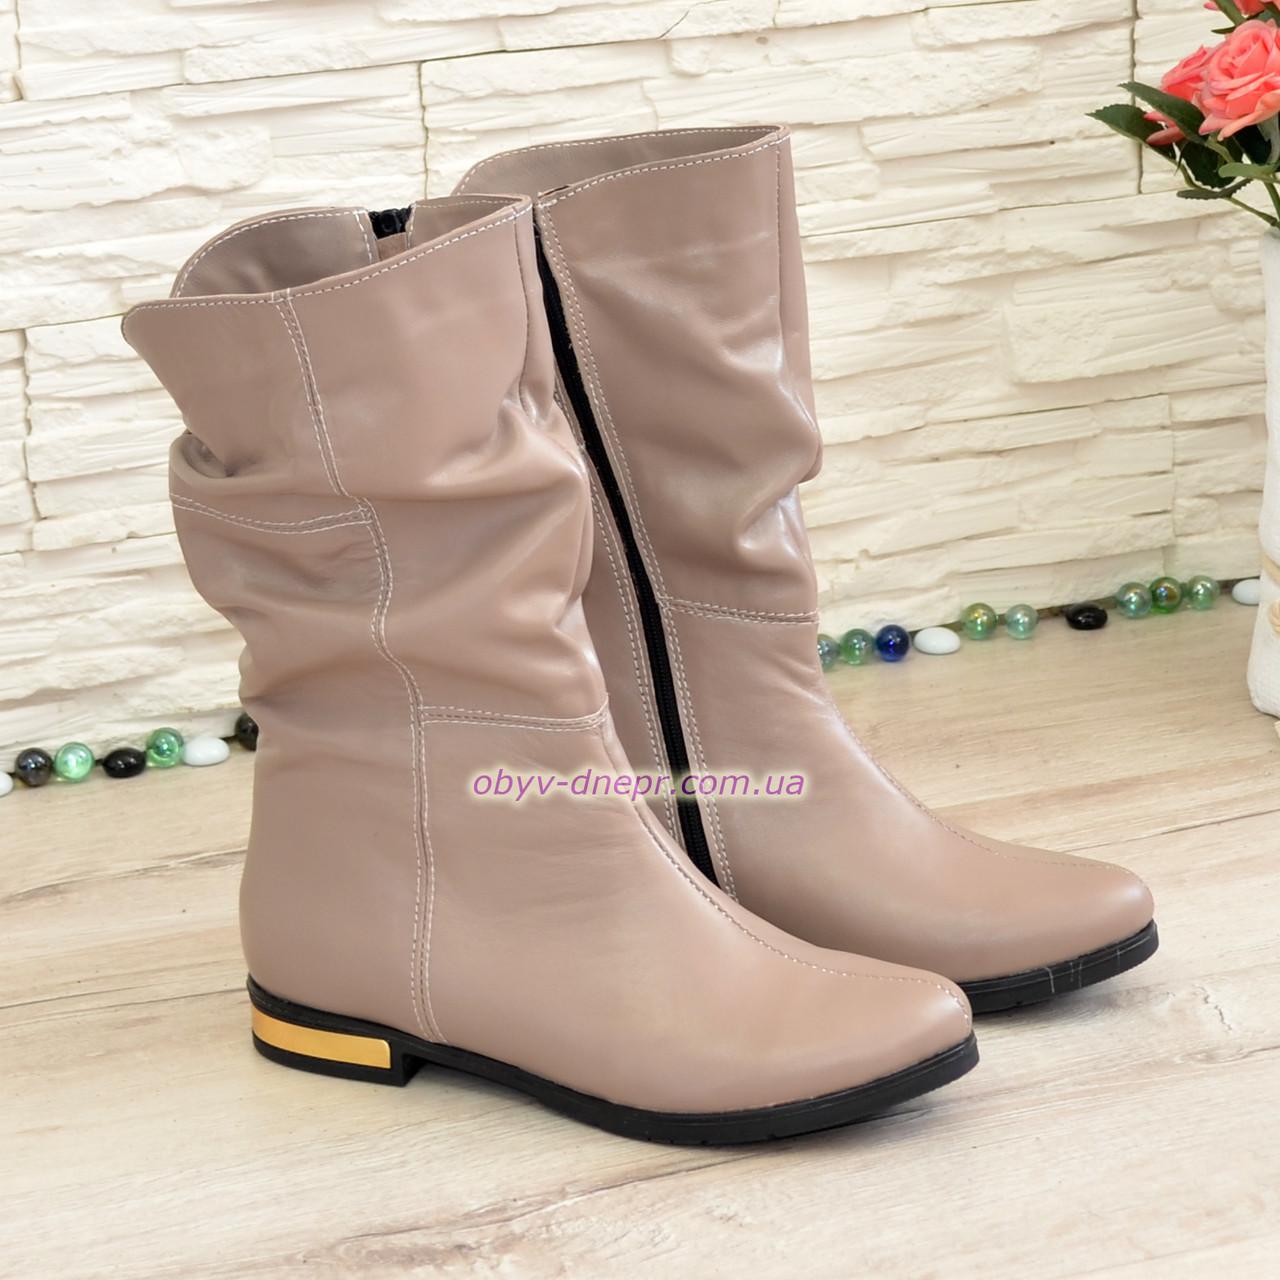 58eb361b0575 Женские зимние ботинки на меху, из натуральной кожи от производителя ТМ